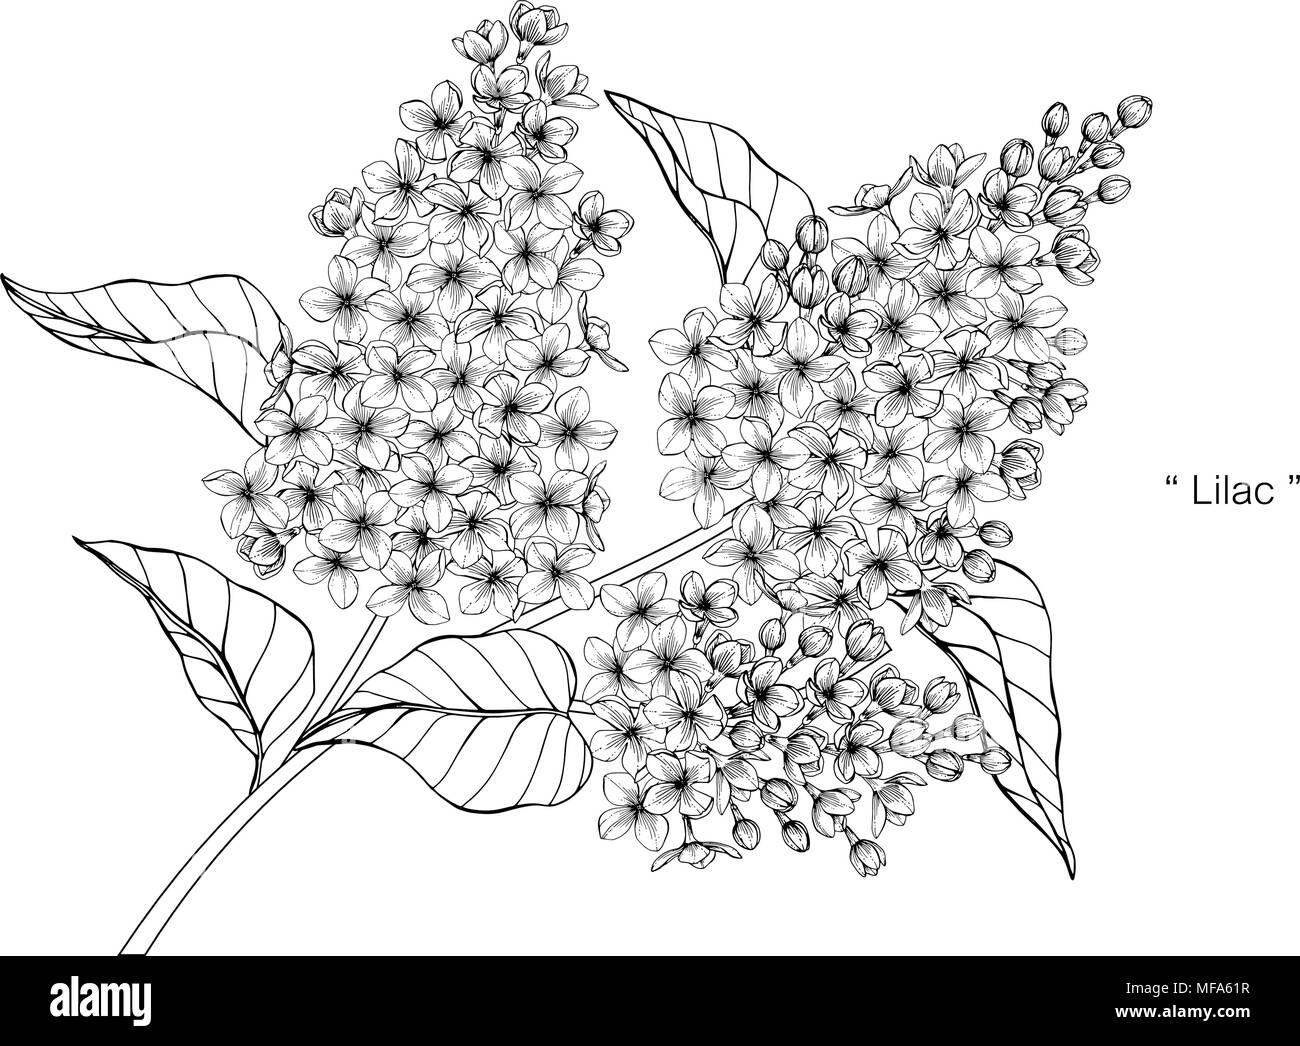 dessin de fleurs lilas illustration noir et blanc avec dessin au trait sur fonds blancs. Black Bedroom Furniture Sets. Home Design Ideas